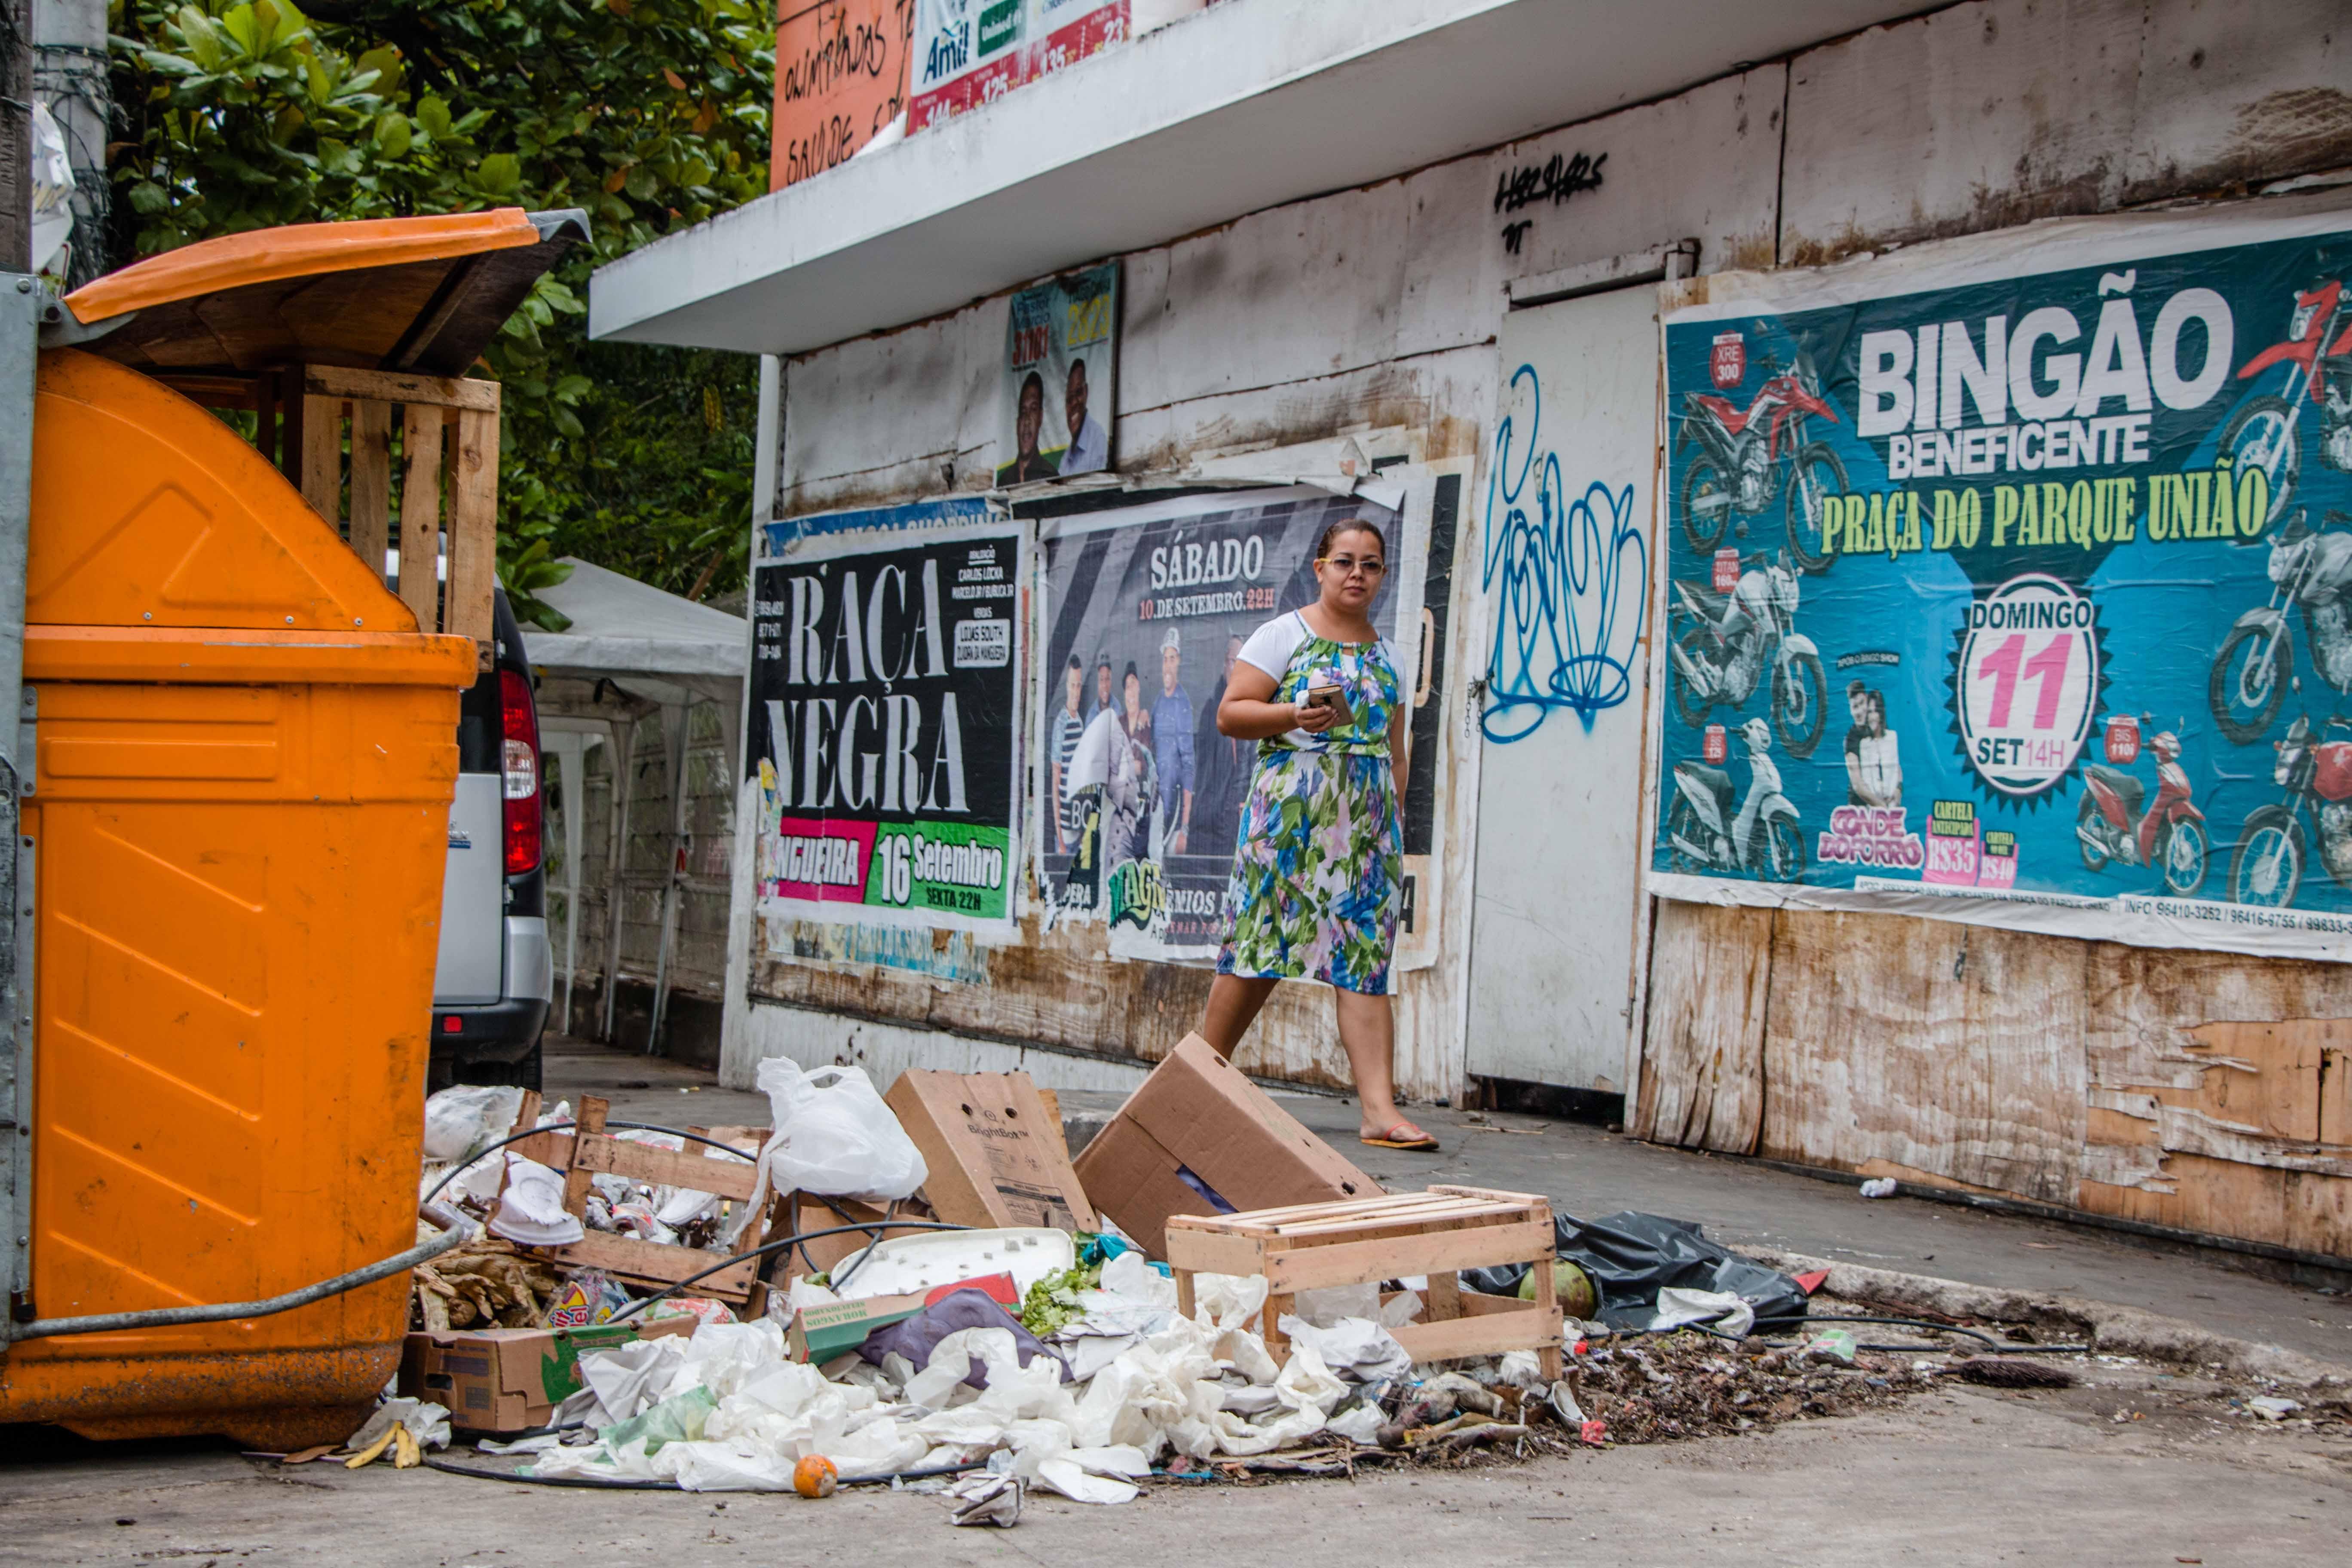 A moradora Edvania Moura, de 28 anos. Foto: Renato Moura/Jornal Voz da Comunidade